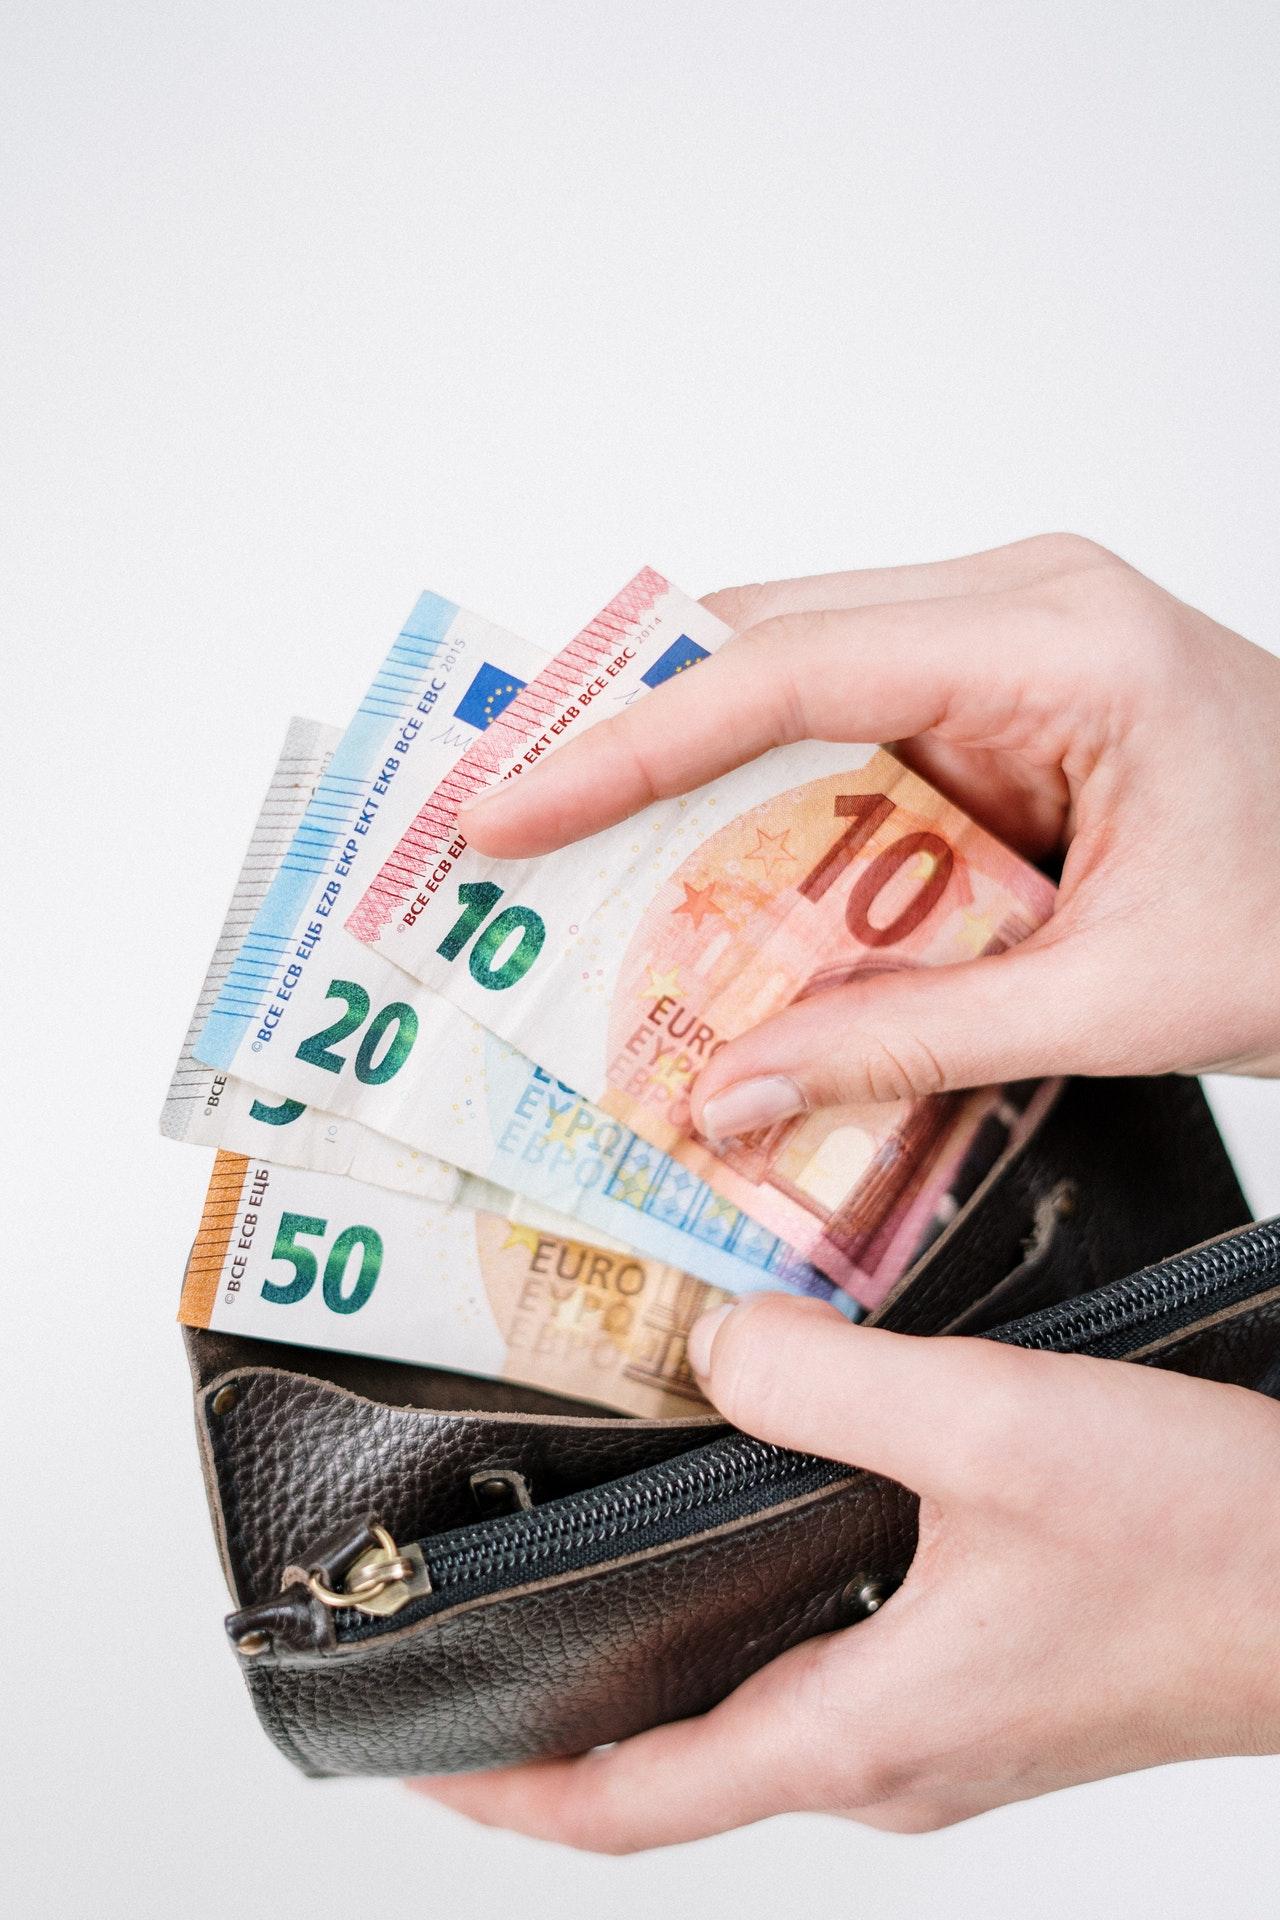 cum să faci o sumă mare de bani pe scurt)